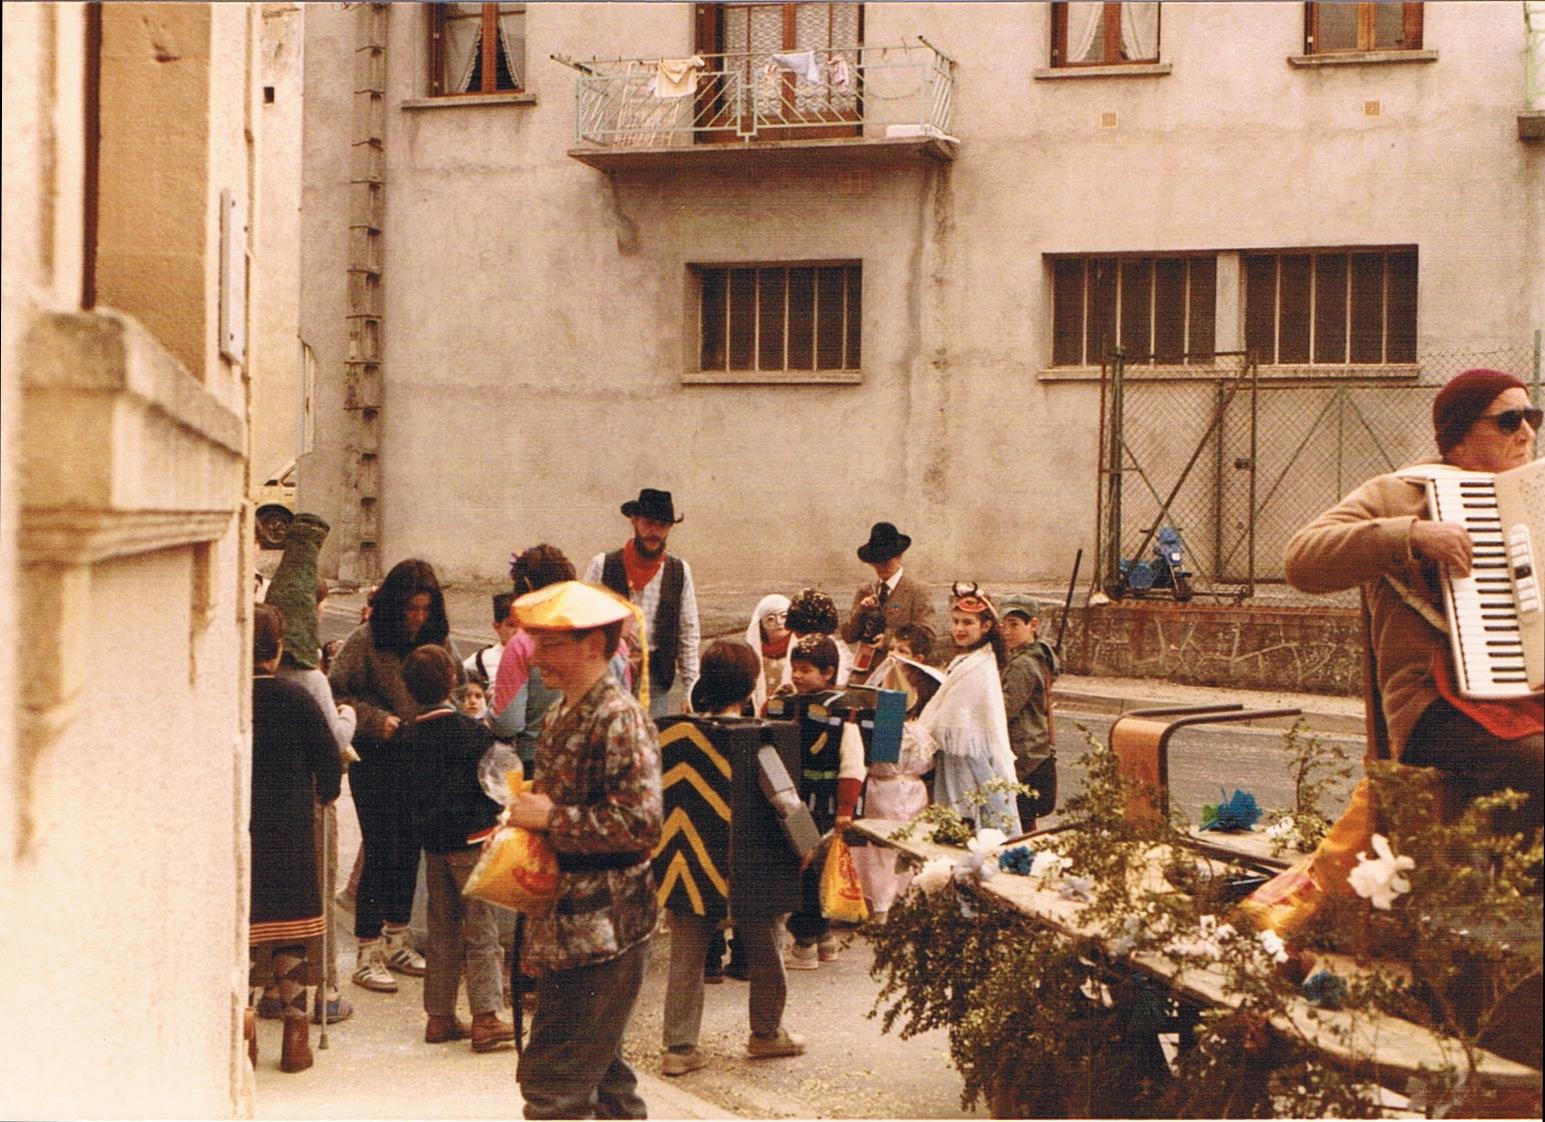 Parignargues_1986 5